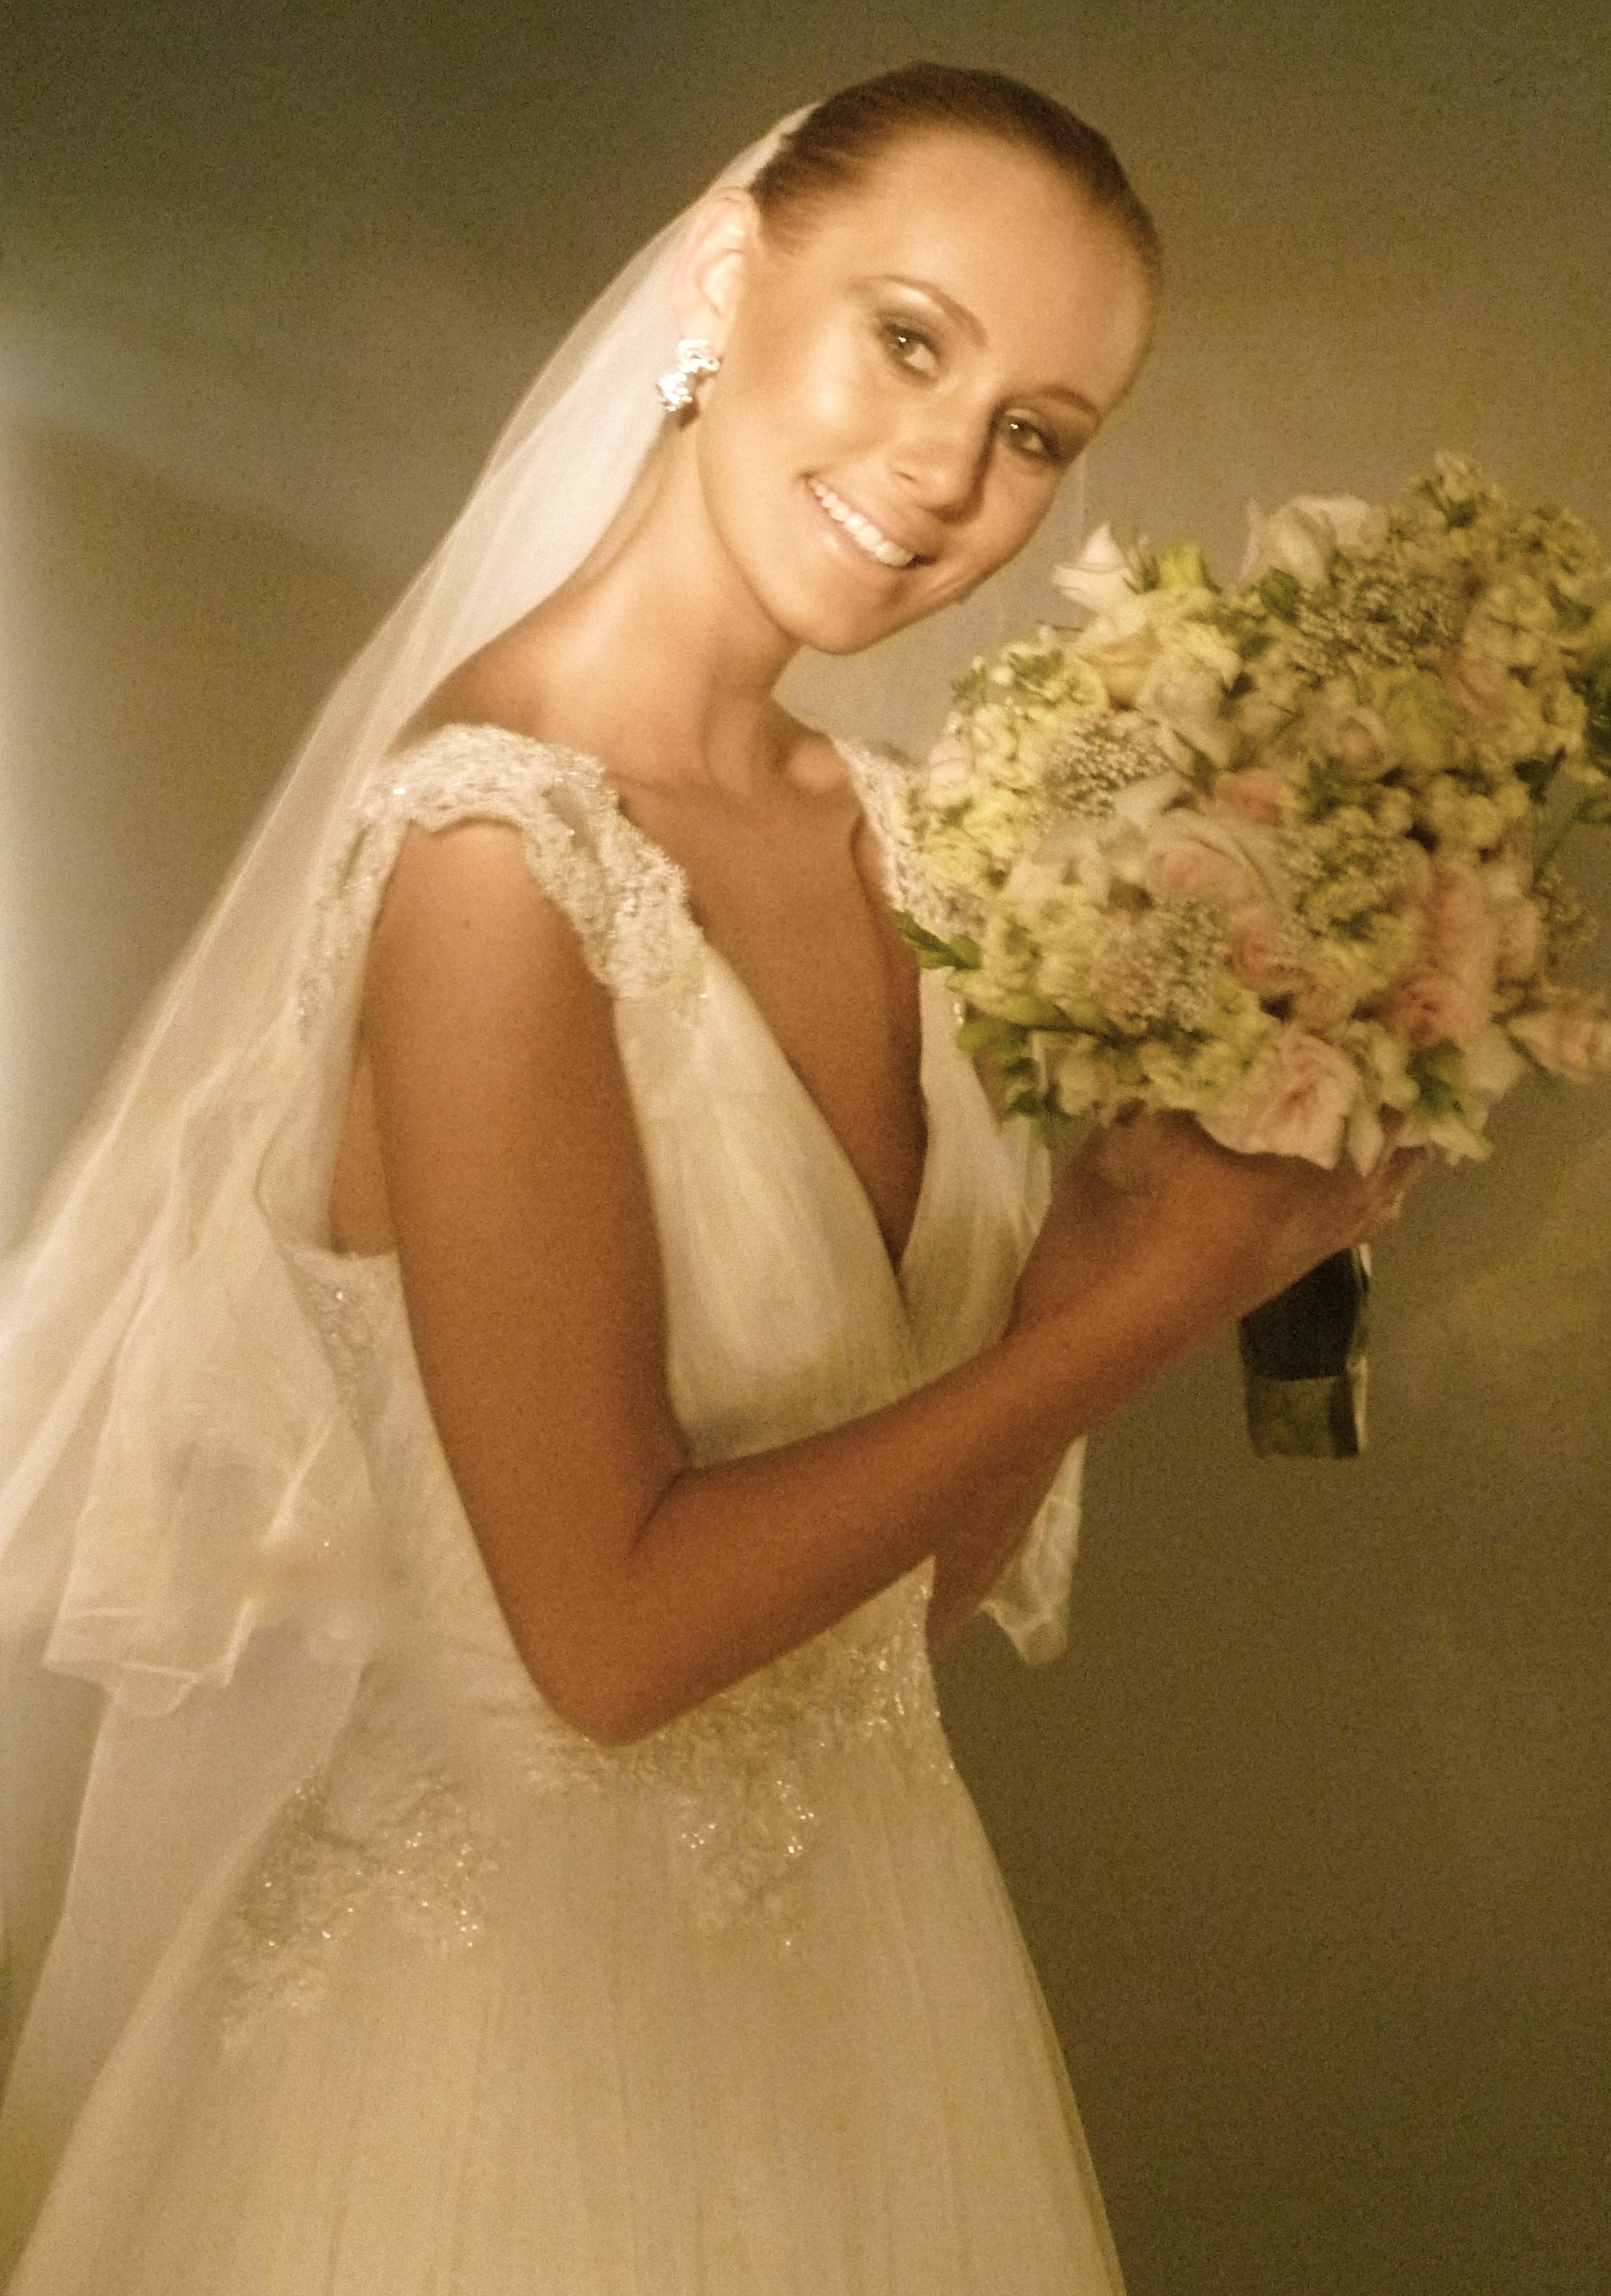 trabalho para a revista bella noiva  make/hair maquiador(a) cabeleireiro(a)